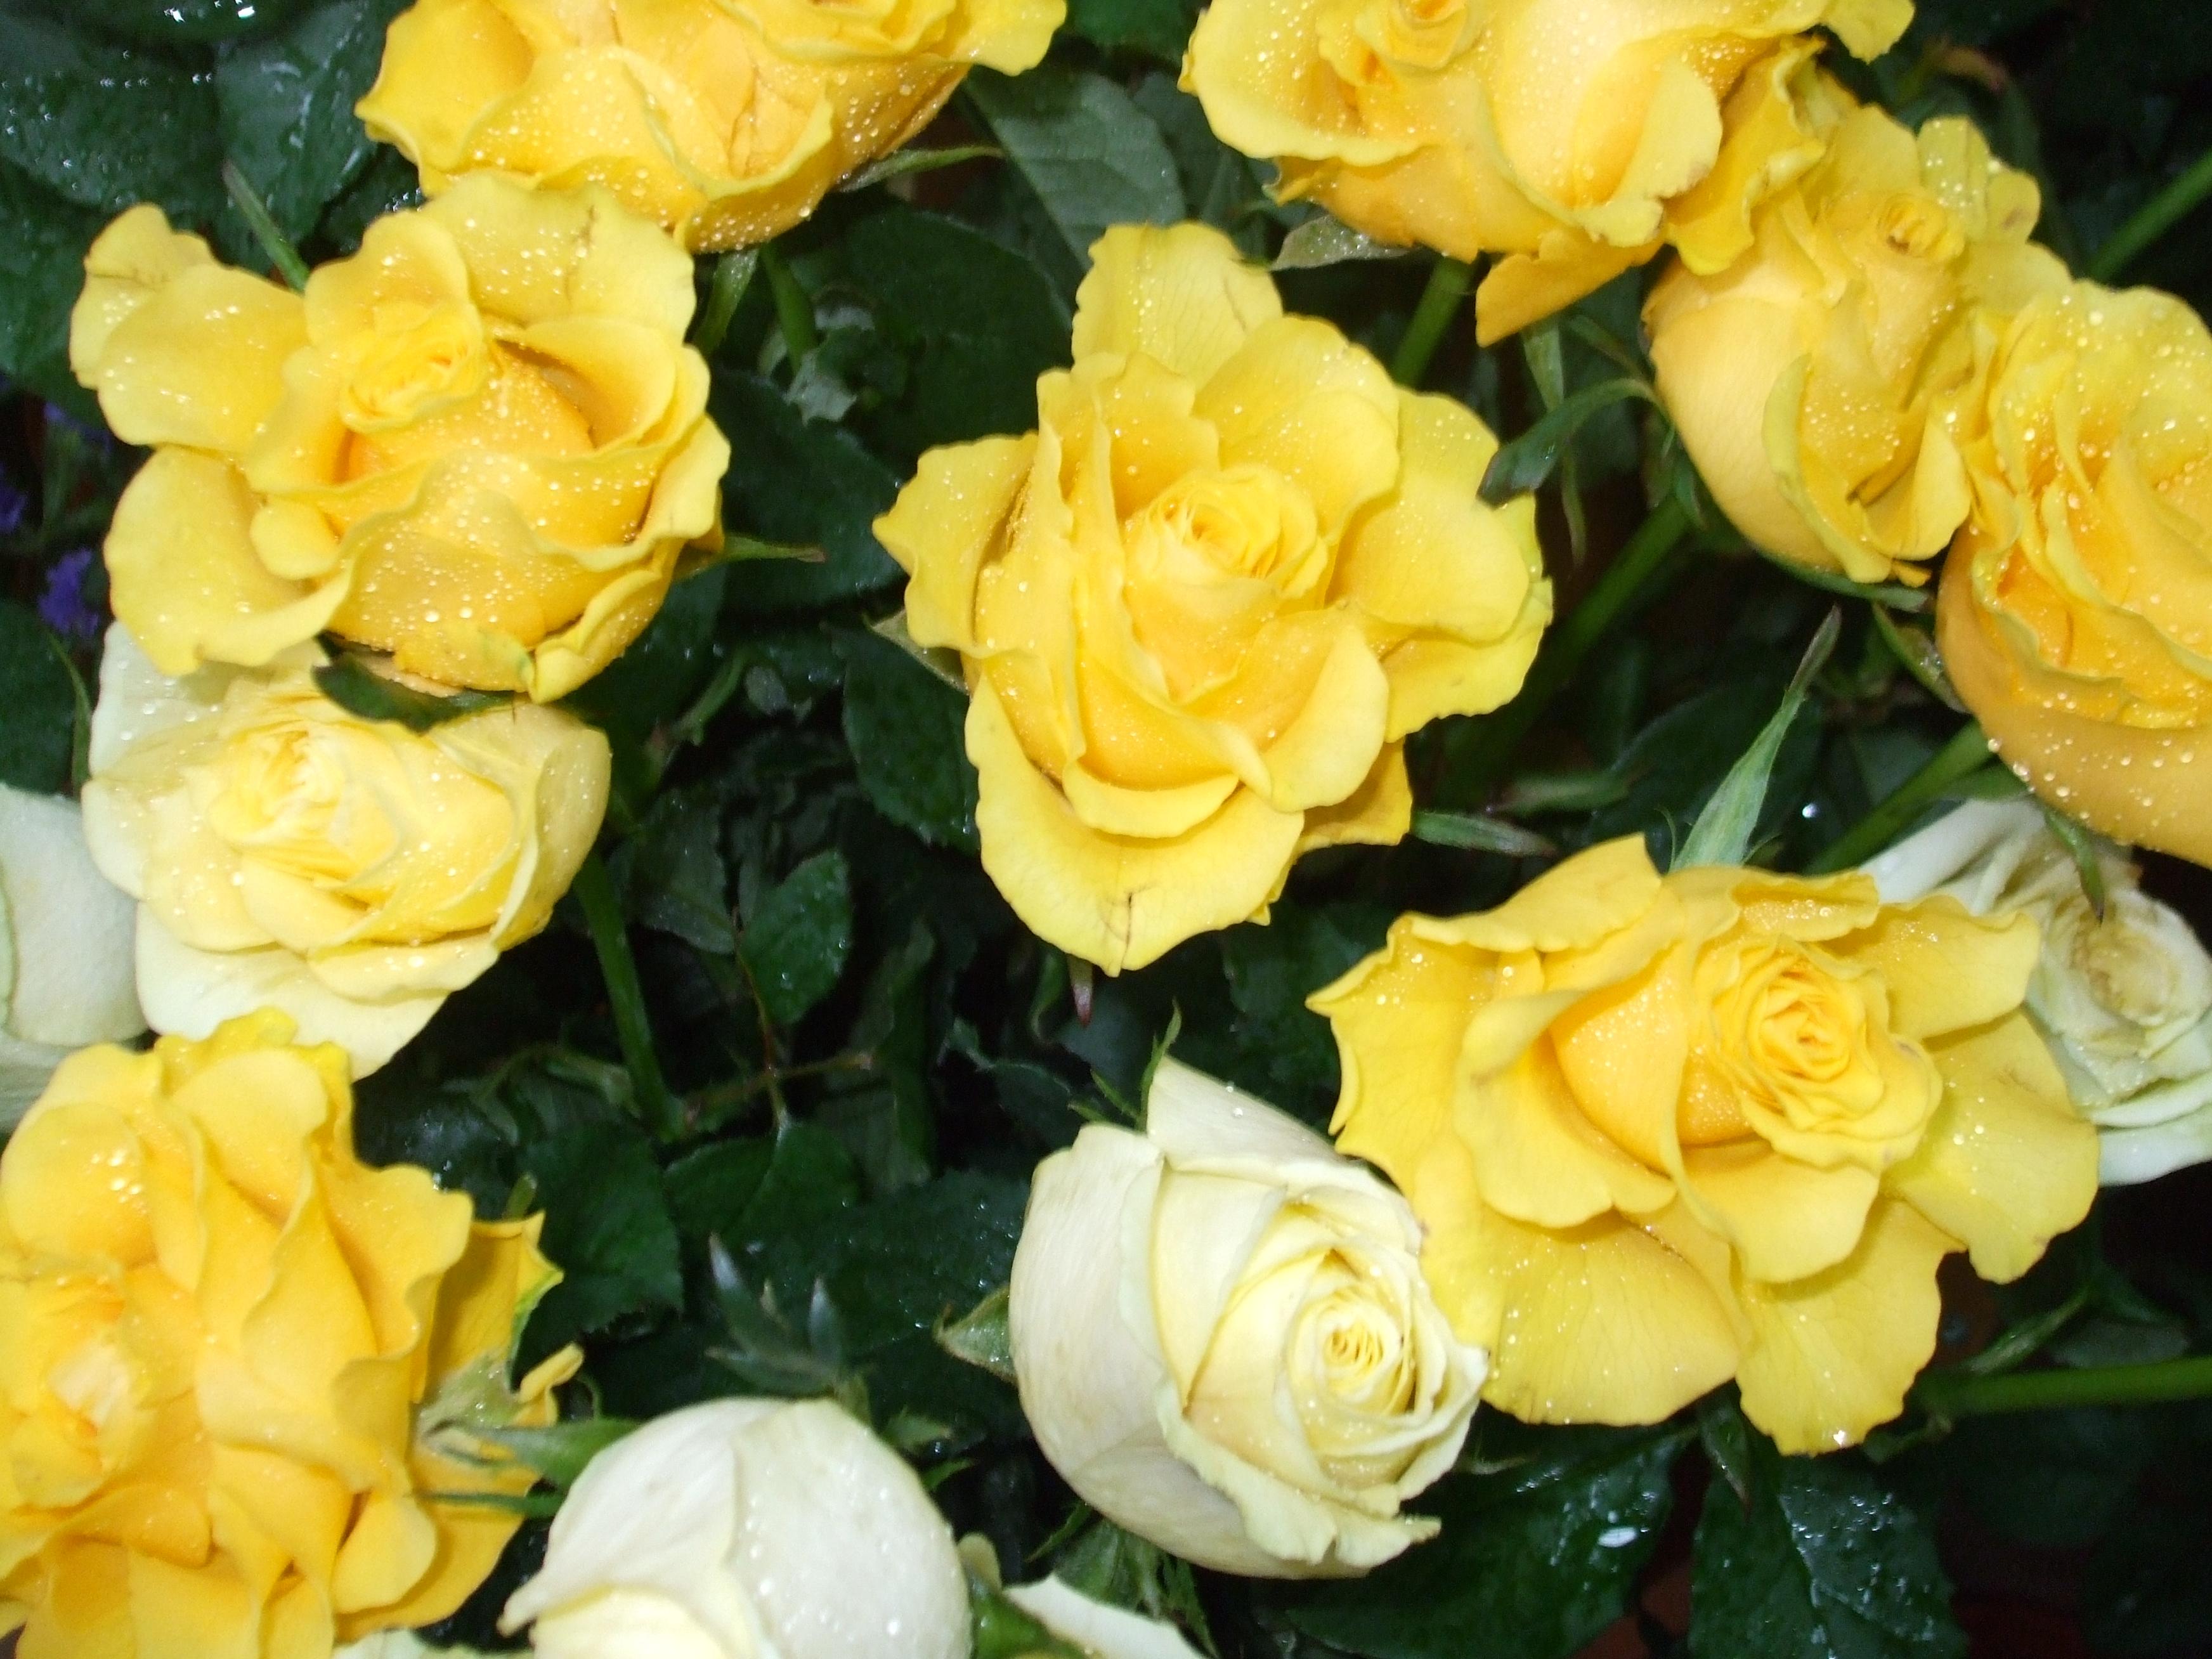 Download 8000 Wallpaper Bunga Rose Putih HD Terbaik